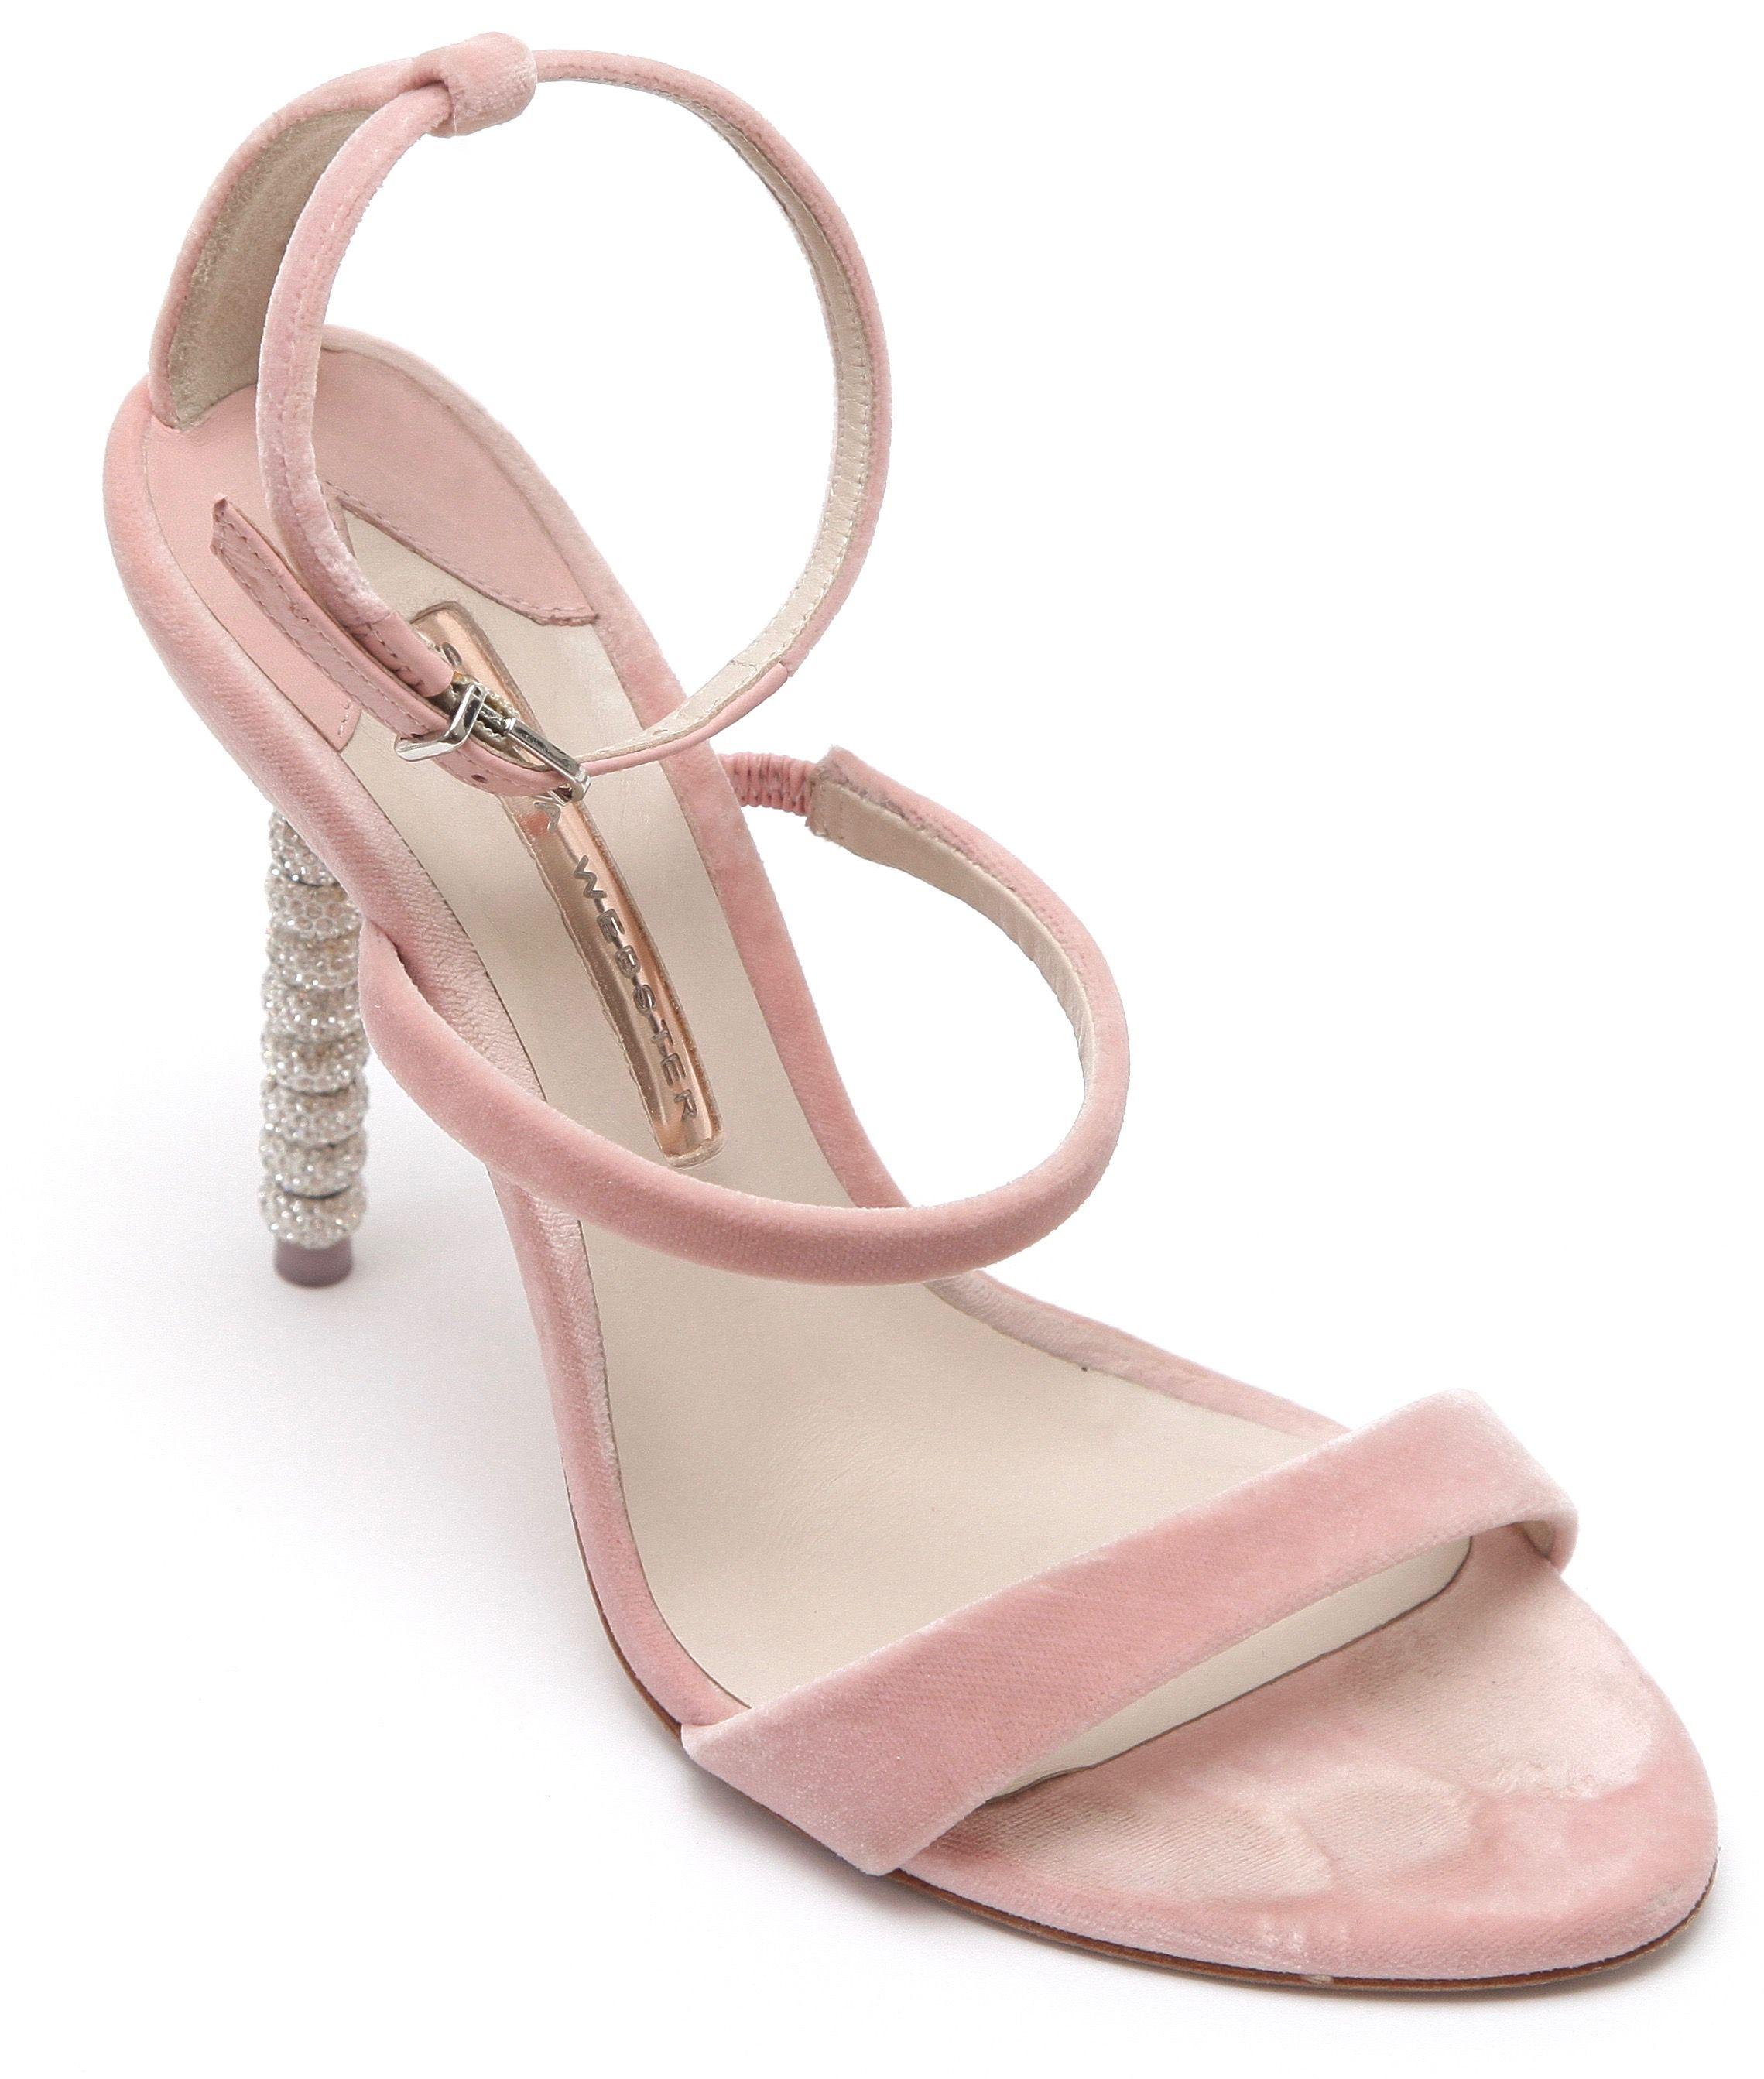 sophia webster pink shoes